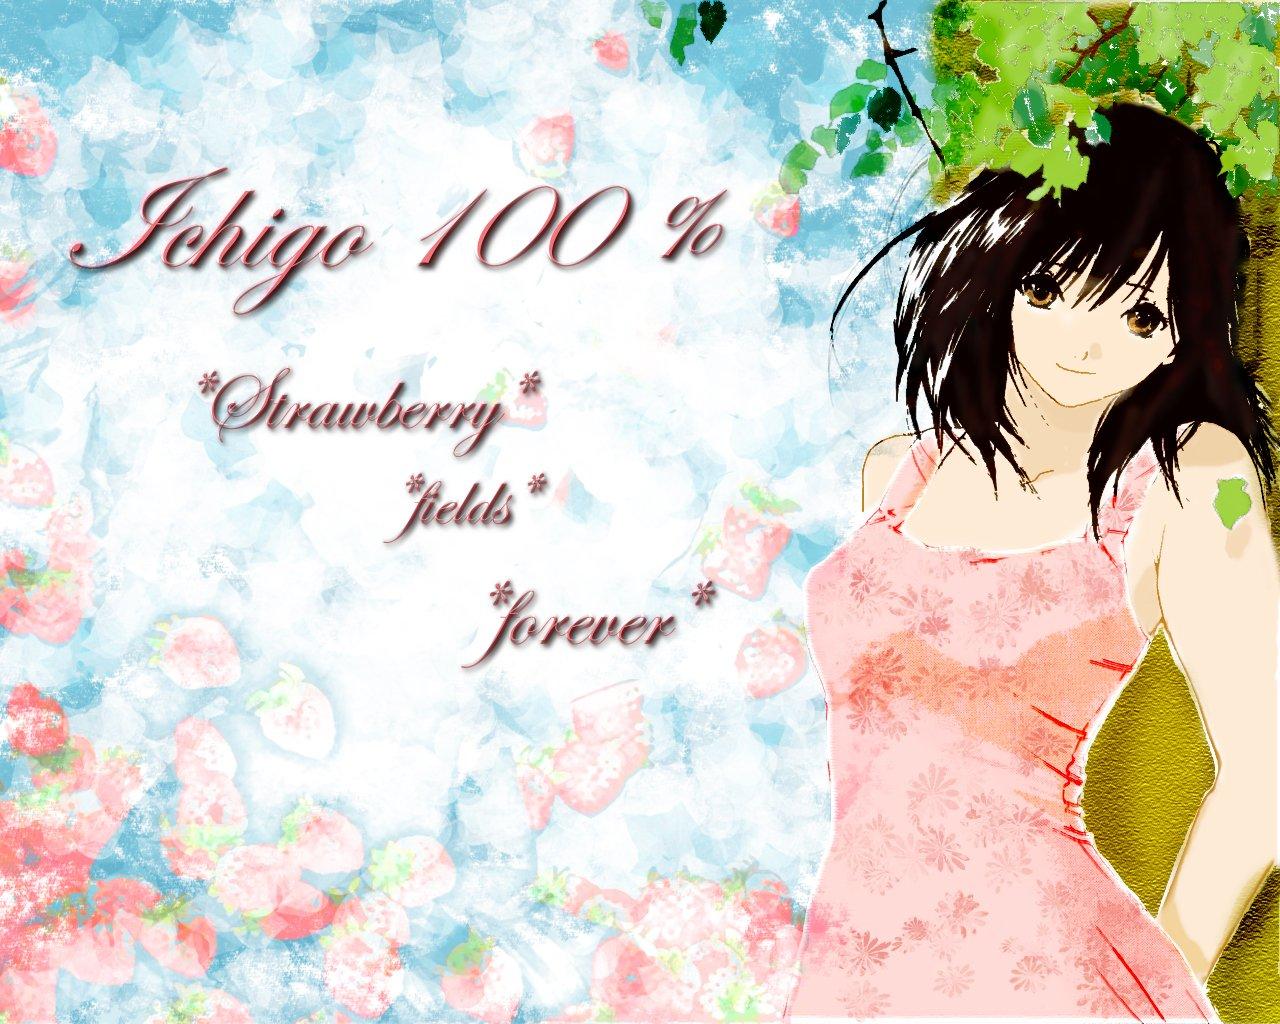 DOWNLOAD GRÁTIS ICHIGO 100 OVA